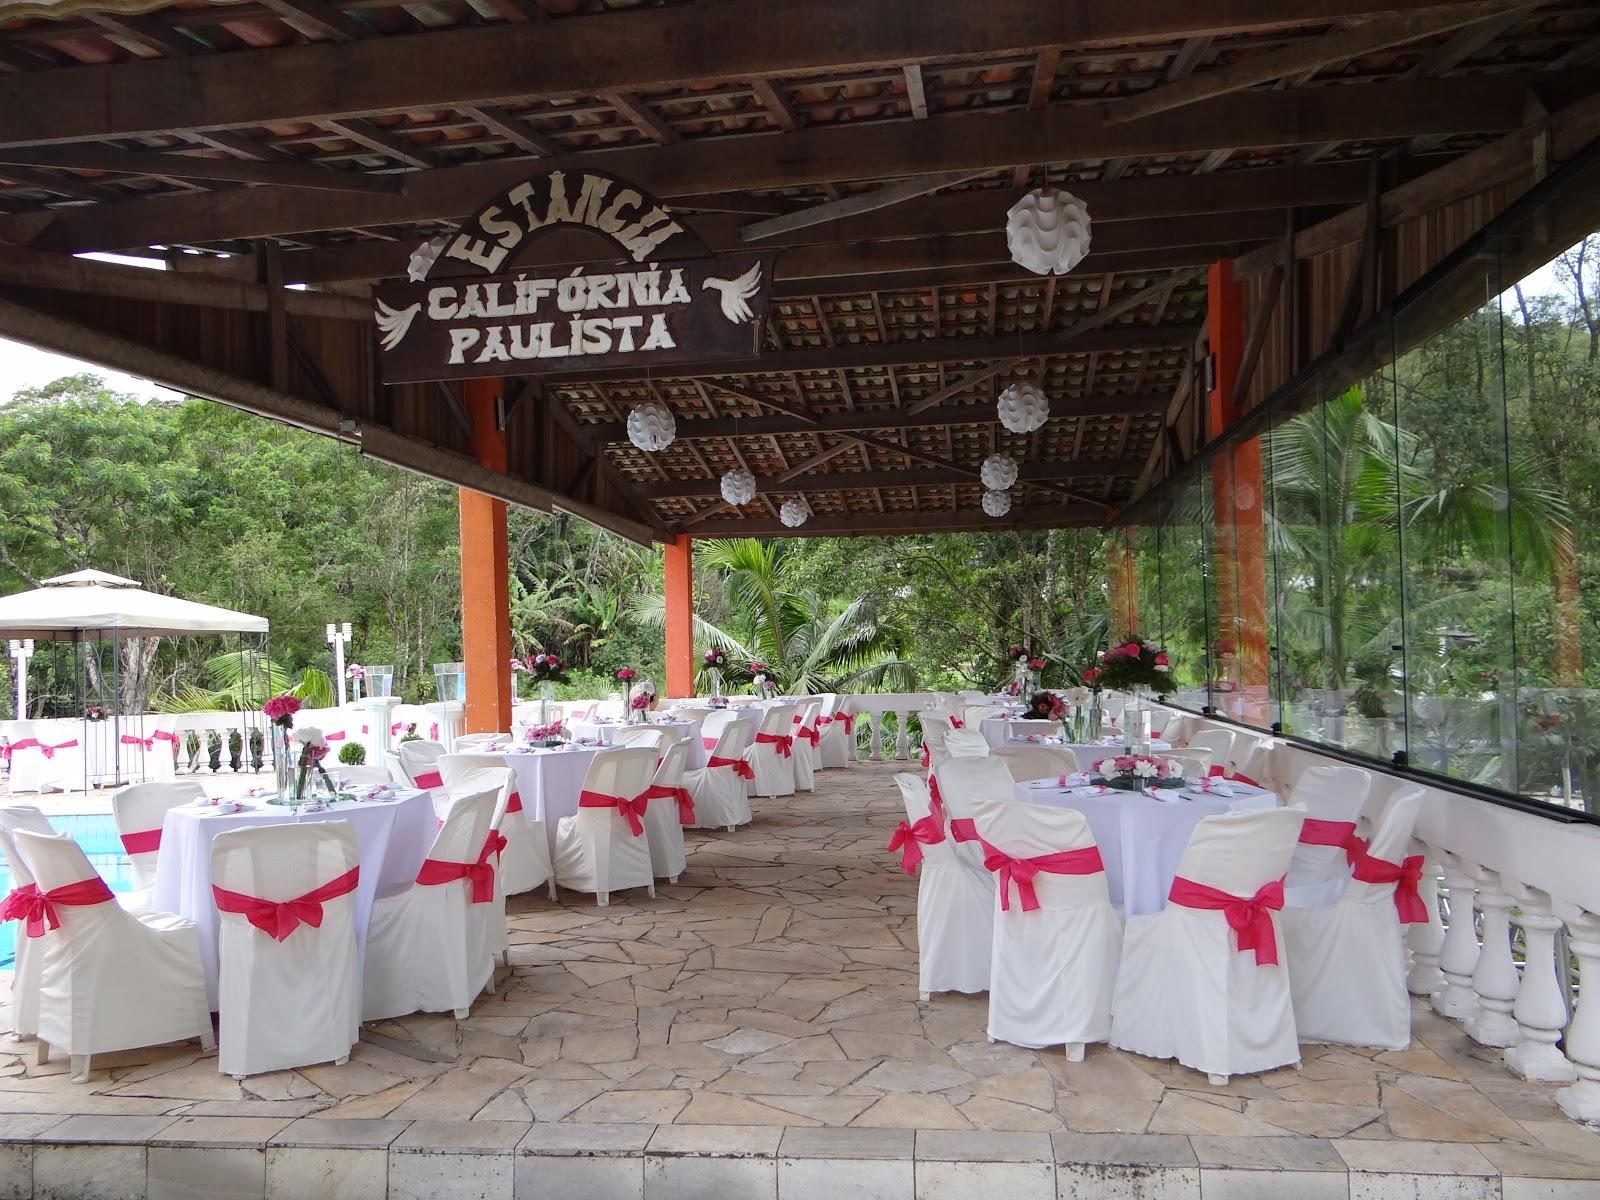 decoracao casamento na piscinaEstância Califórnia Paulista